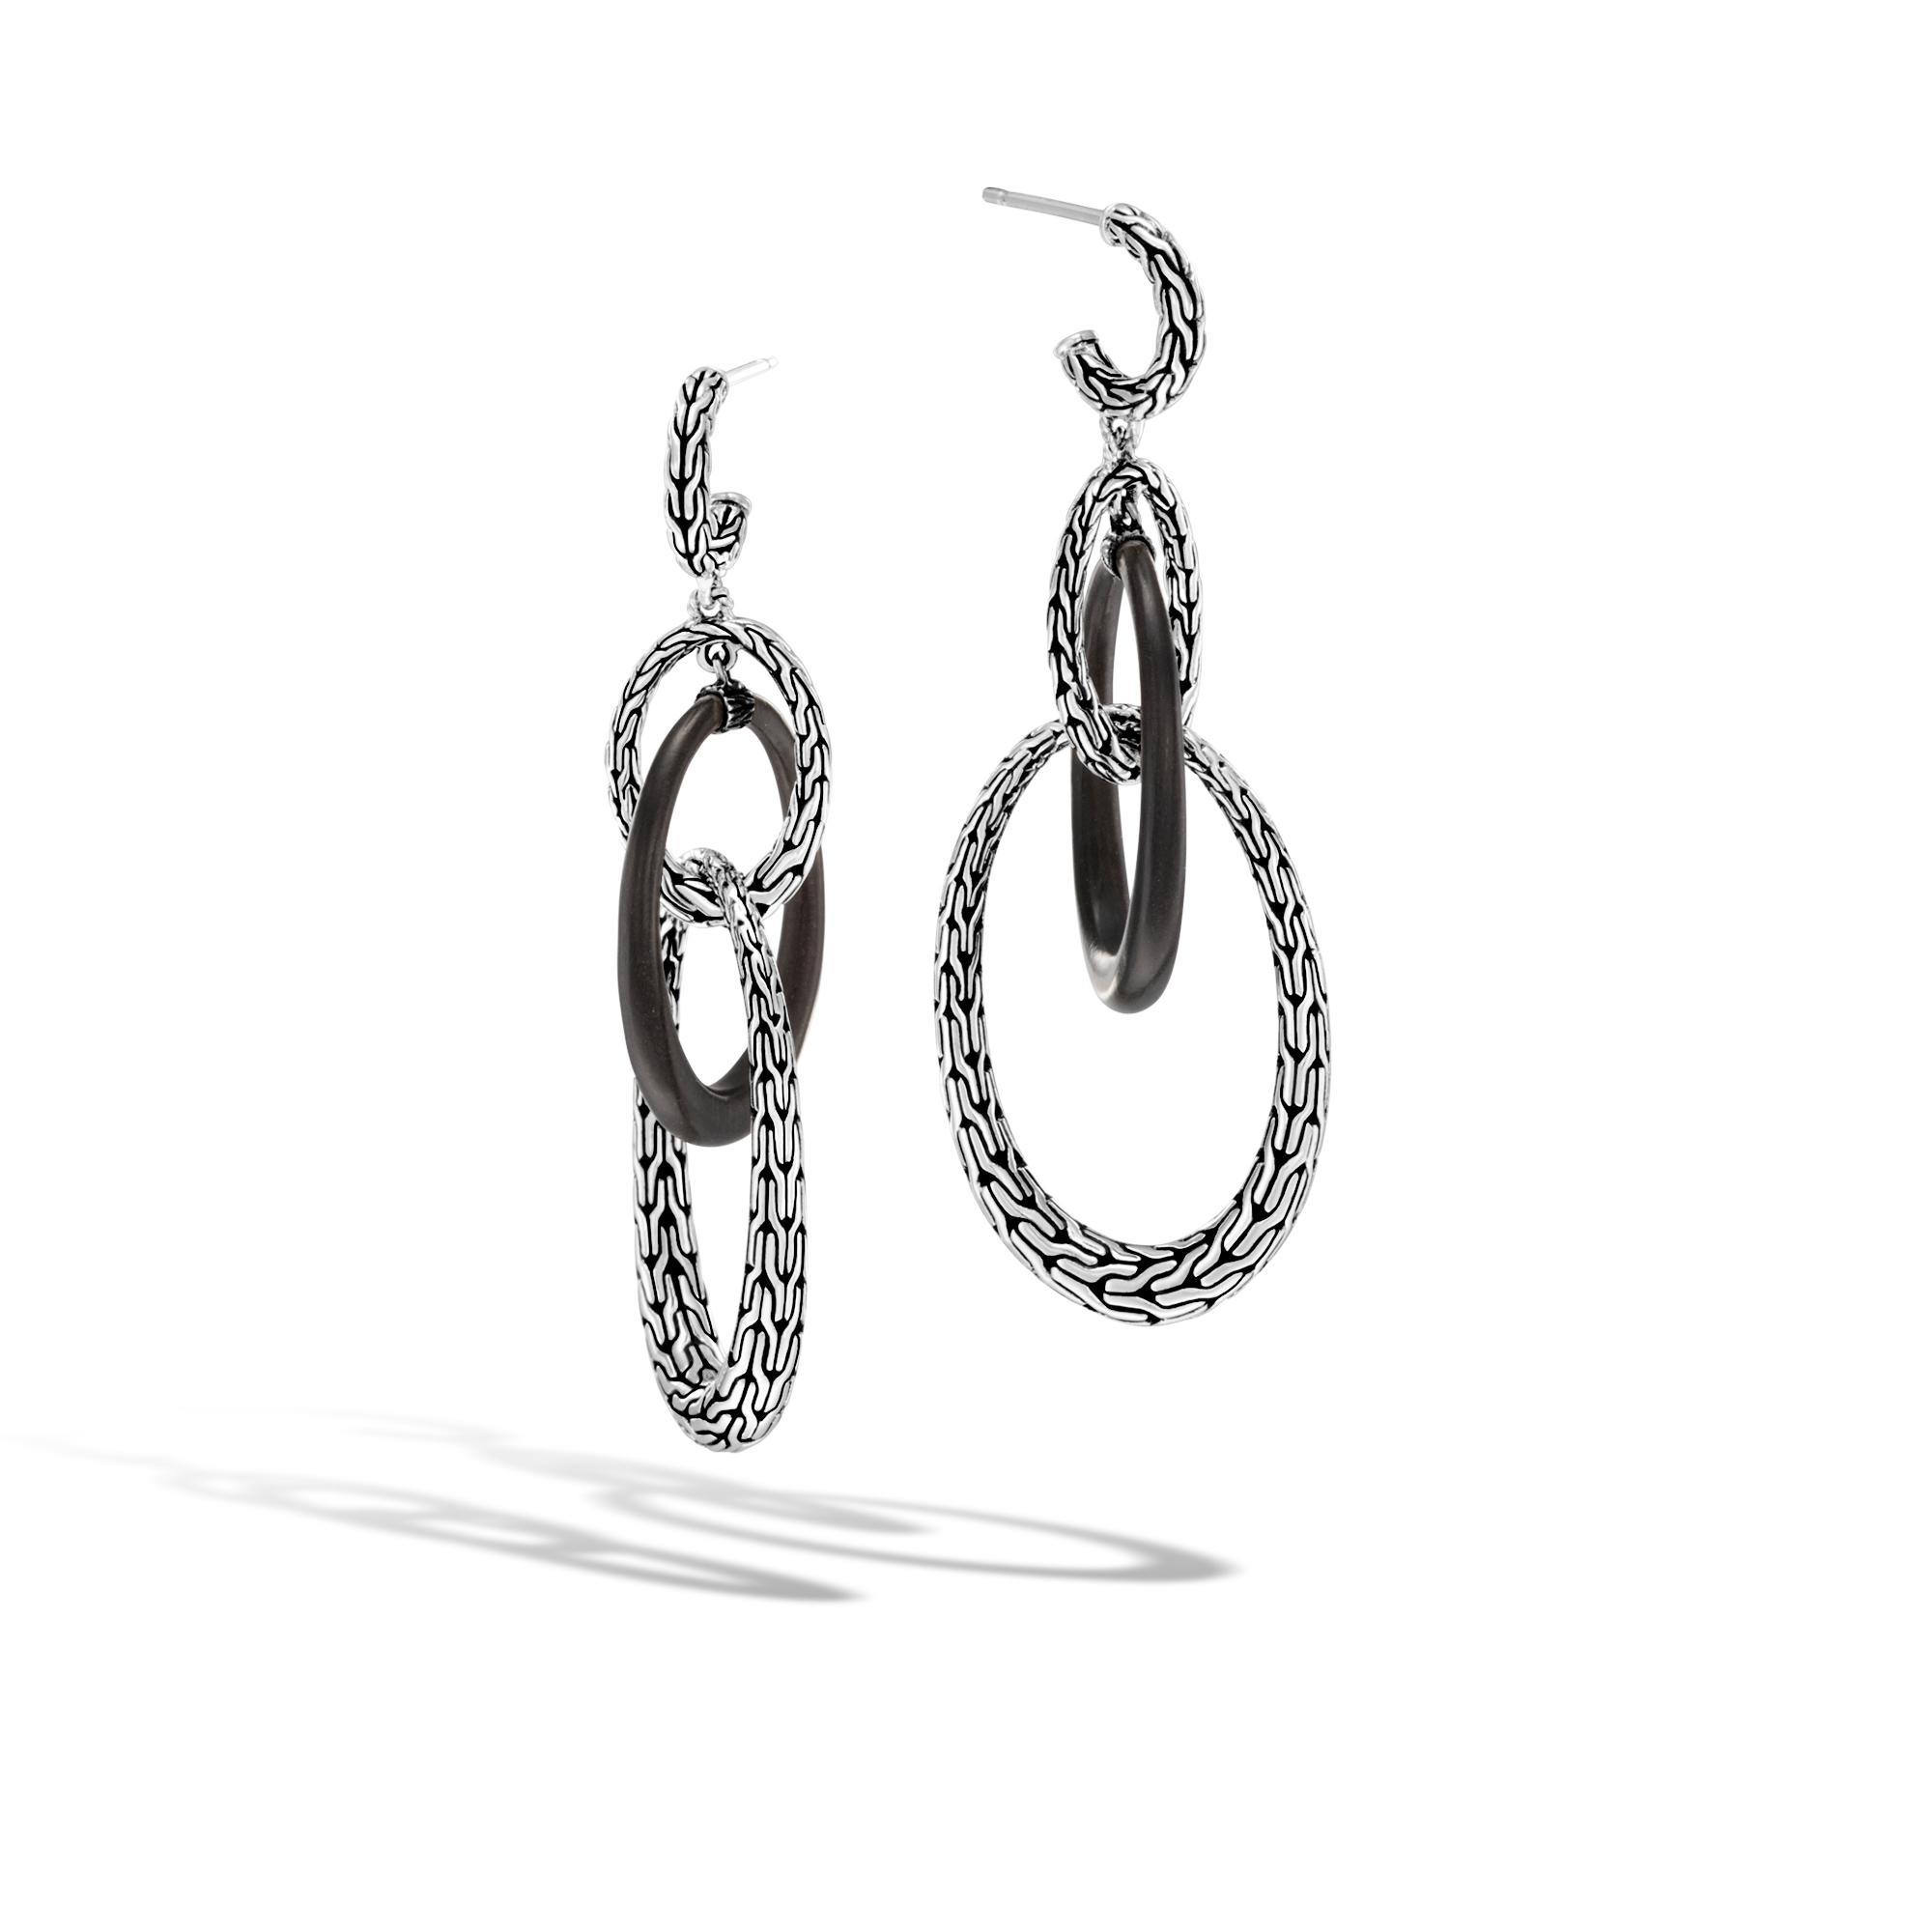 John Hardy Classic Chain Teardrop Briolette Earrings lfH9zWbOw1